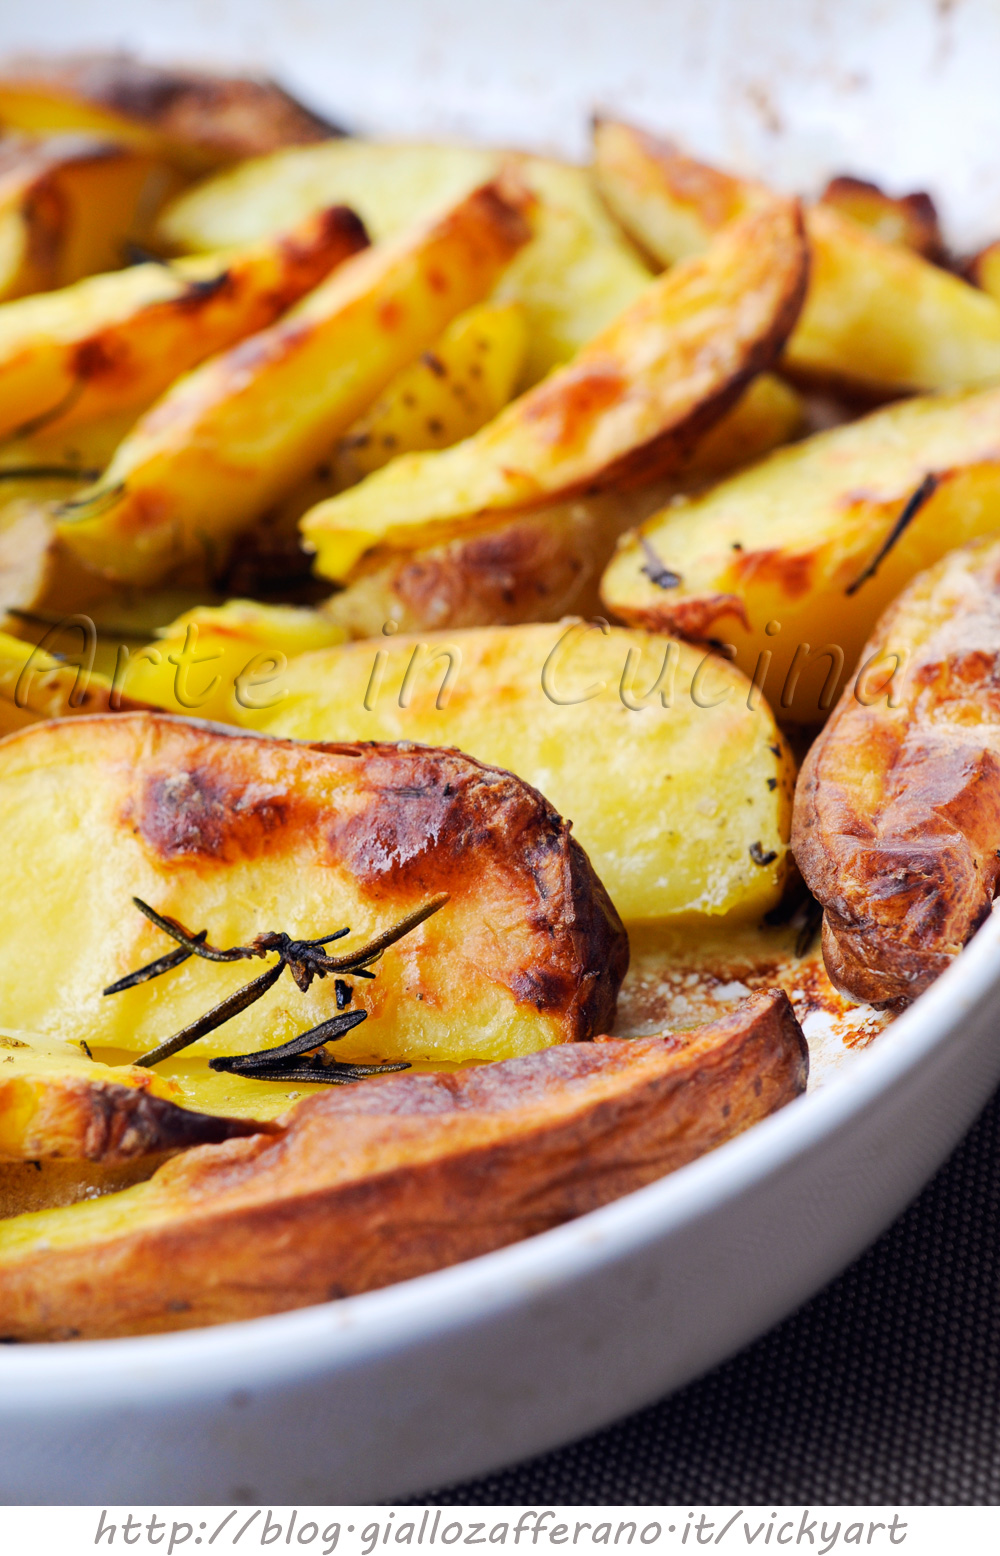 Patate croccanti al forno con rosmarino veloci vickyart arte in cucina